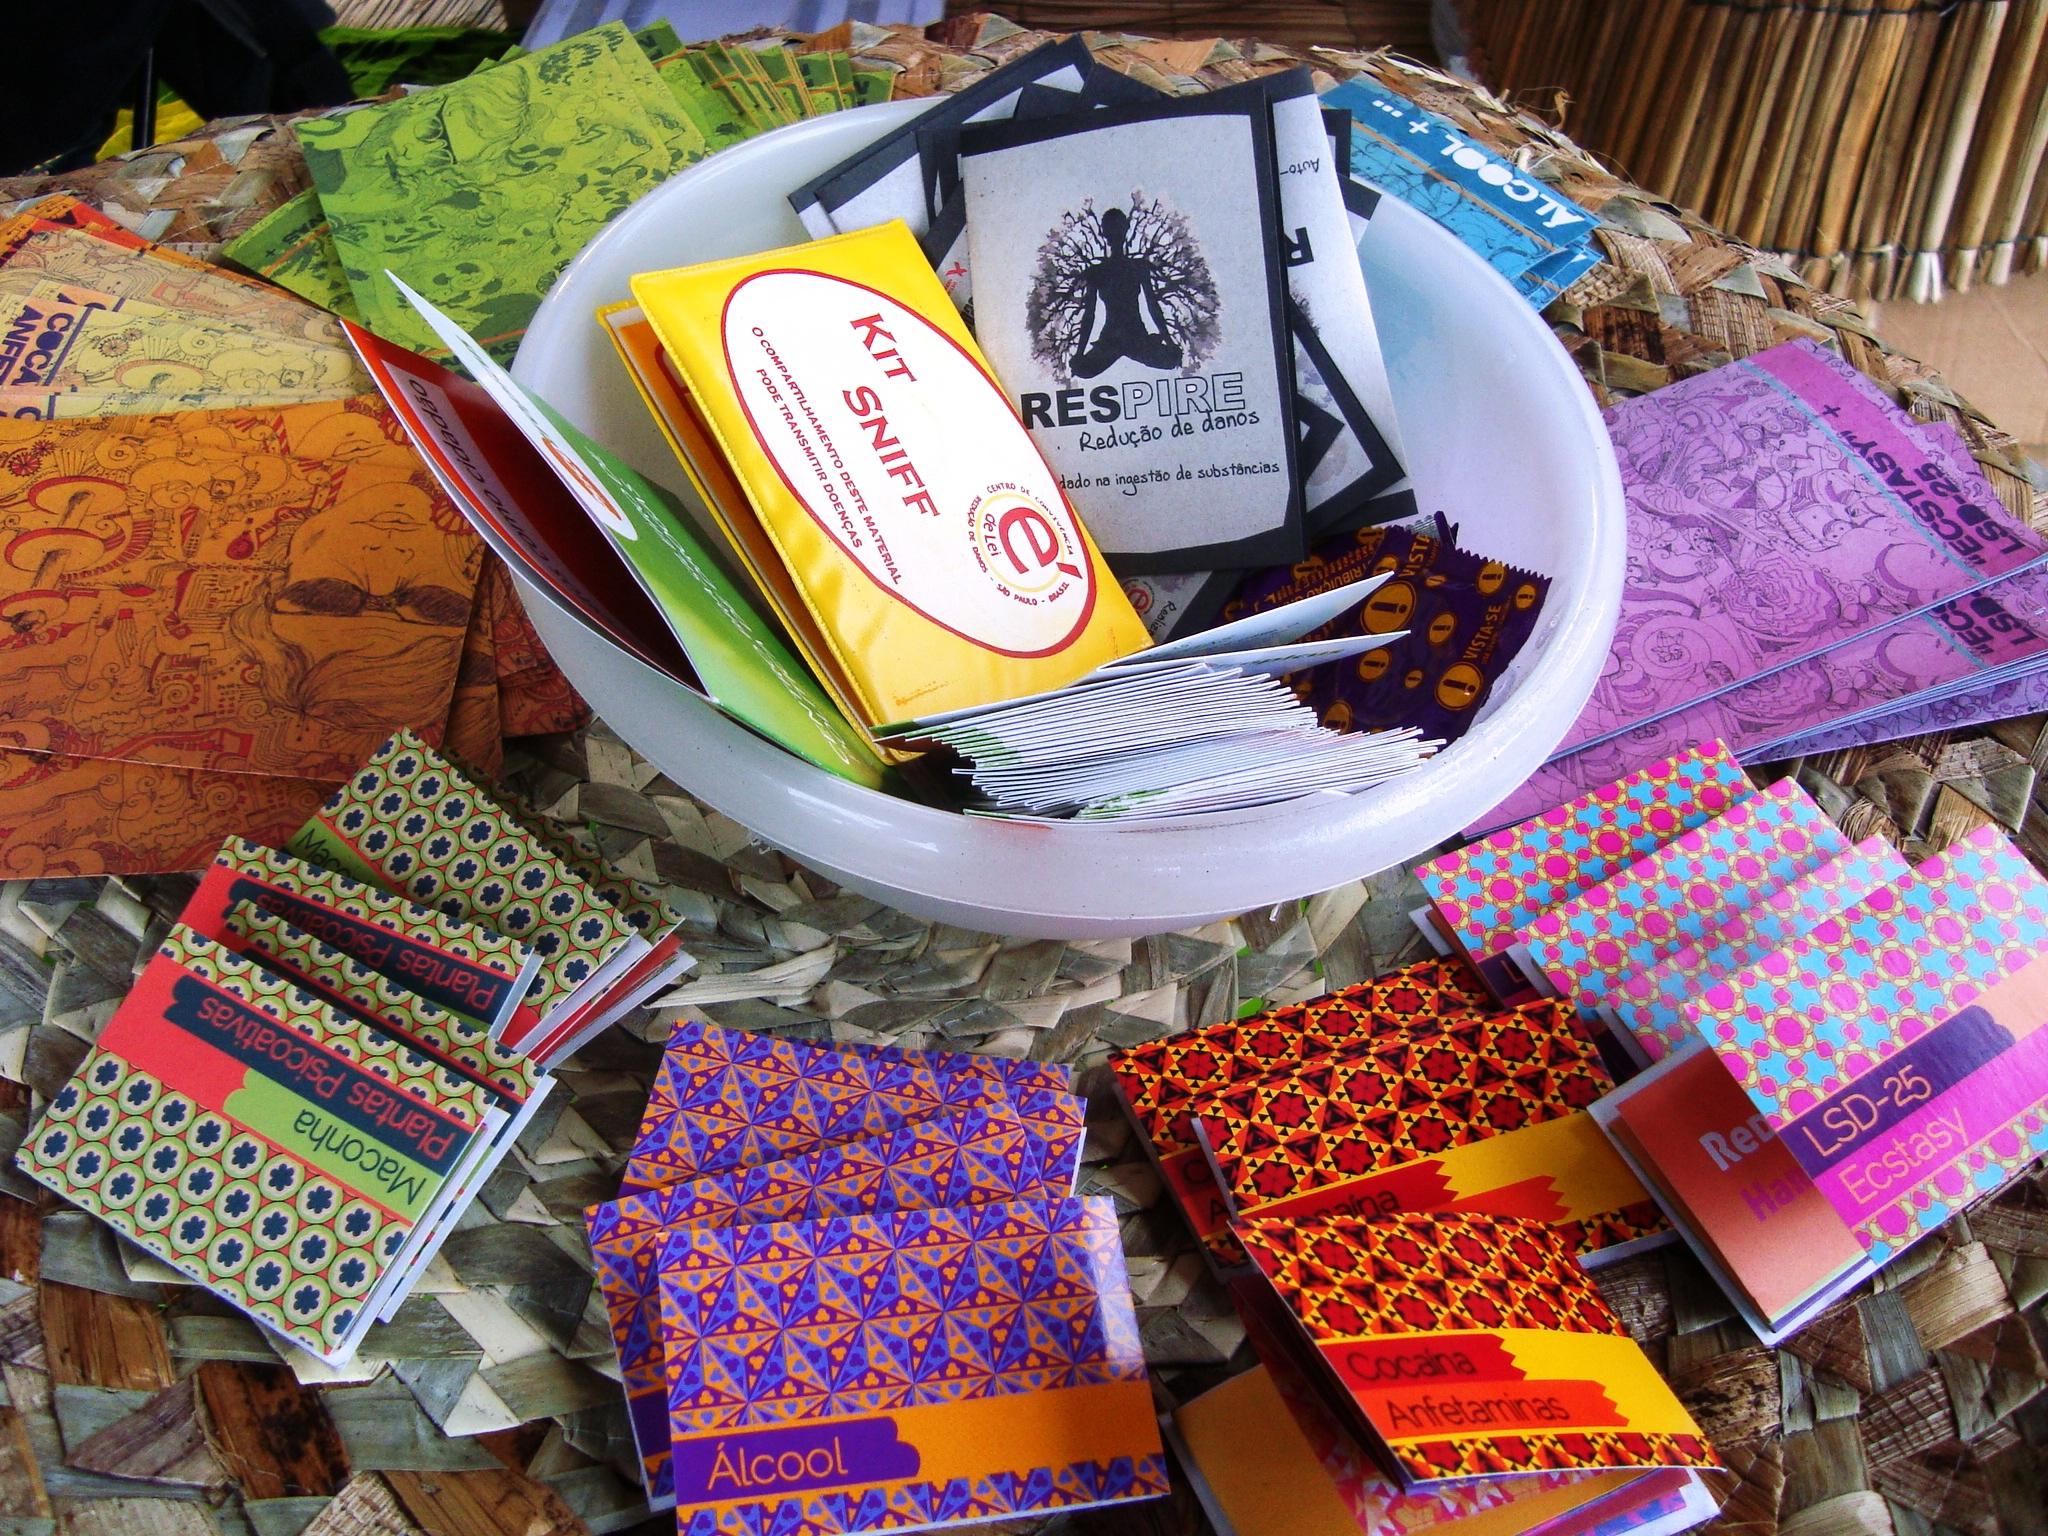 Os kits e cartilhas de prevenção do Projeto Respire